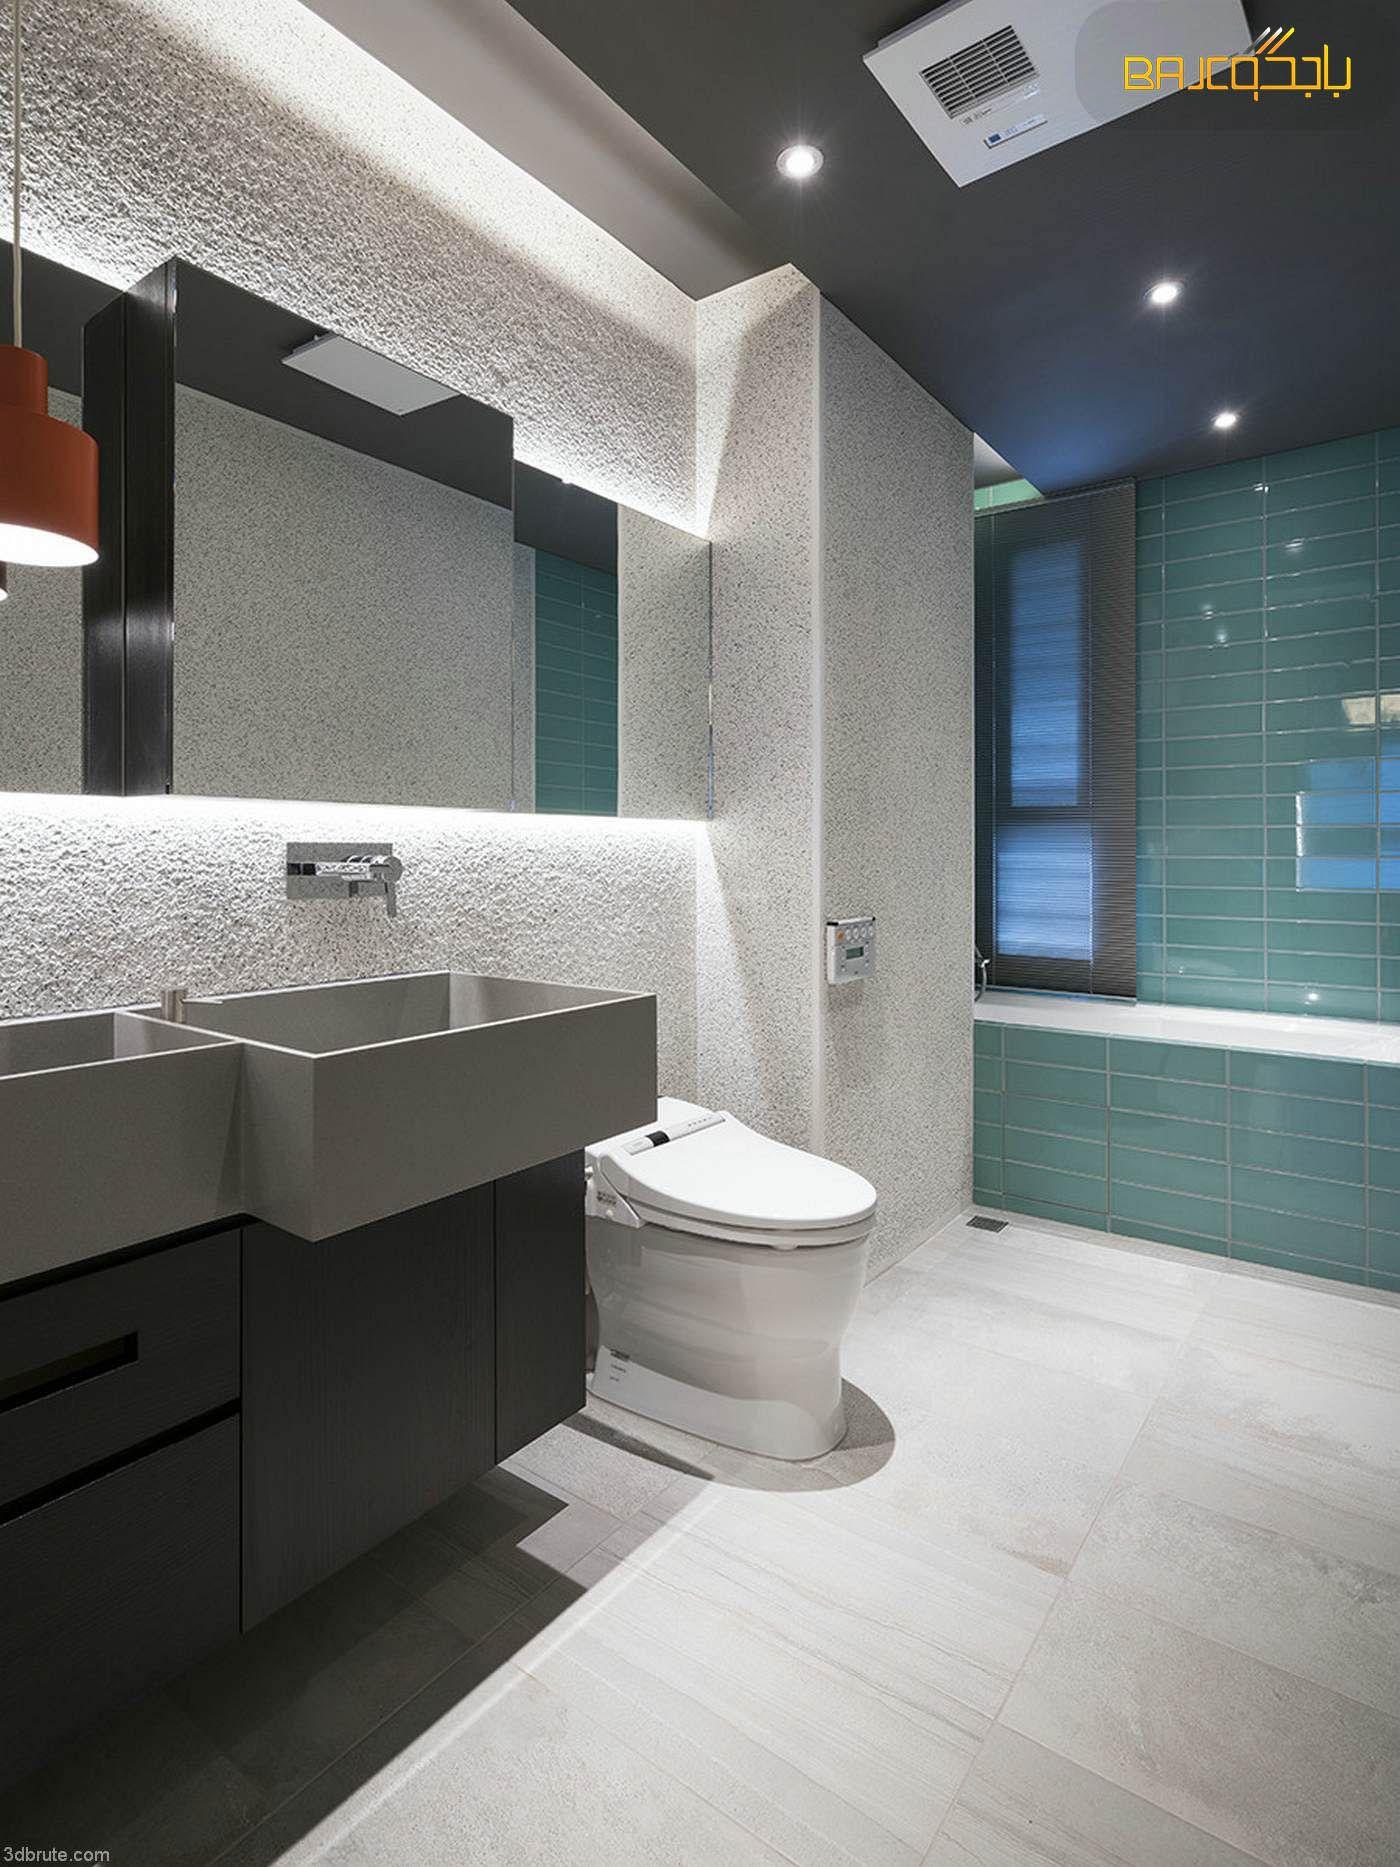 مغسلة رمادي Bathroom Mirror Bathroom Lighting Lighted Bathroom Mirror